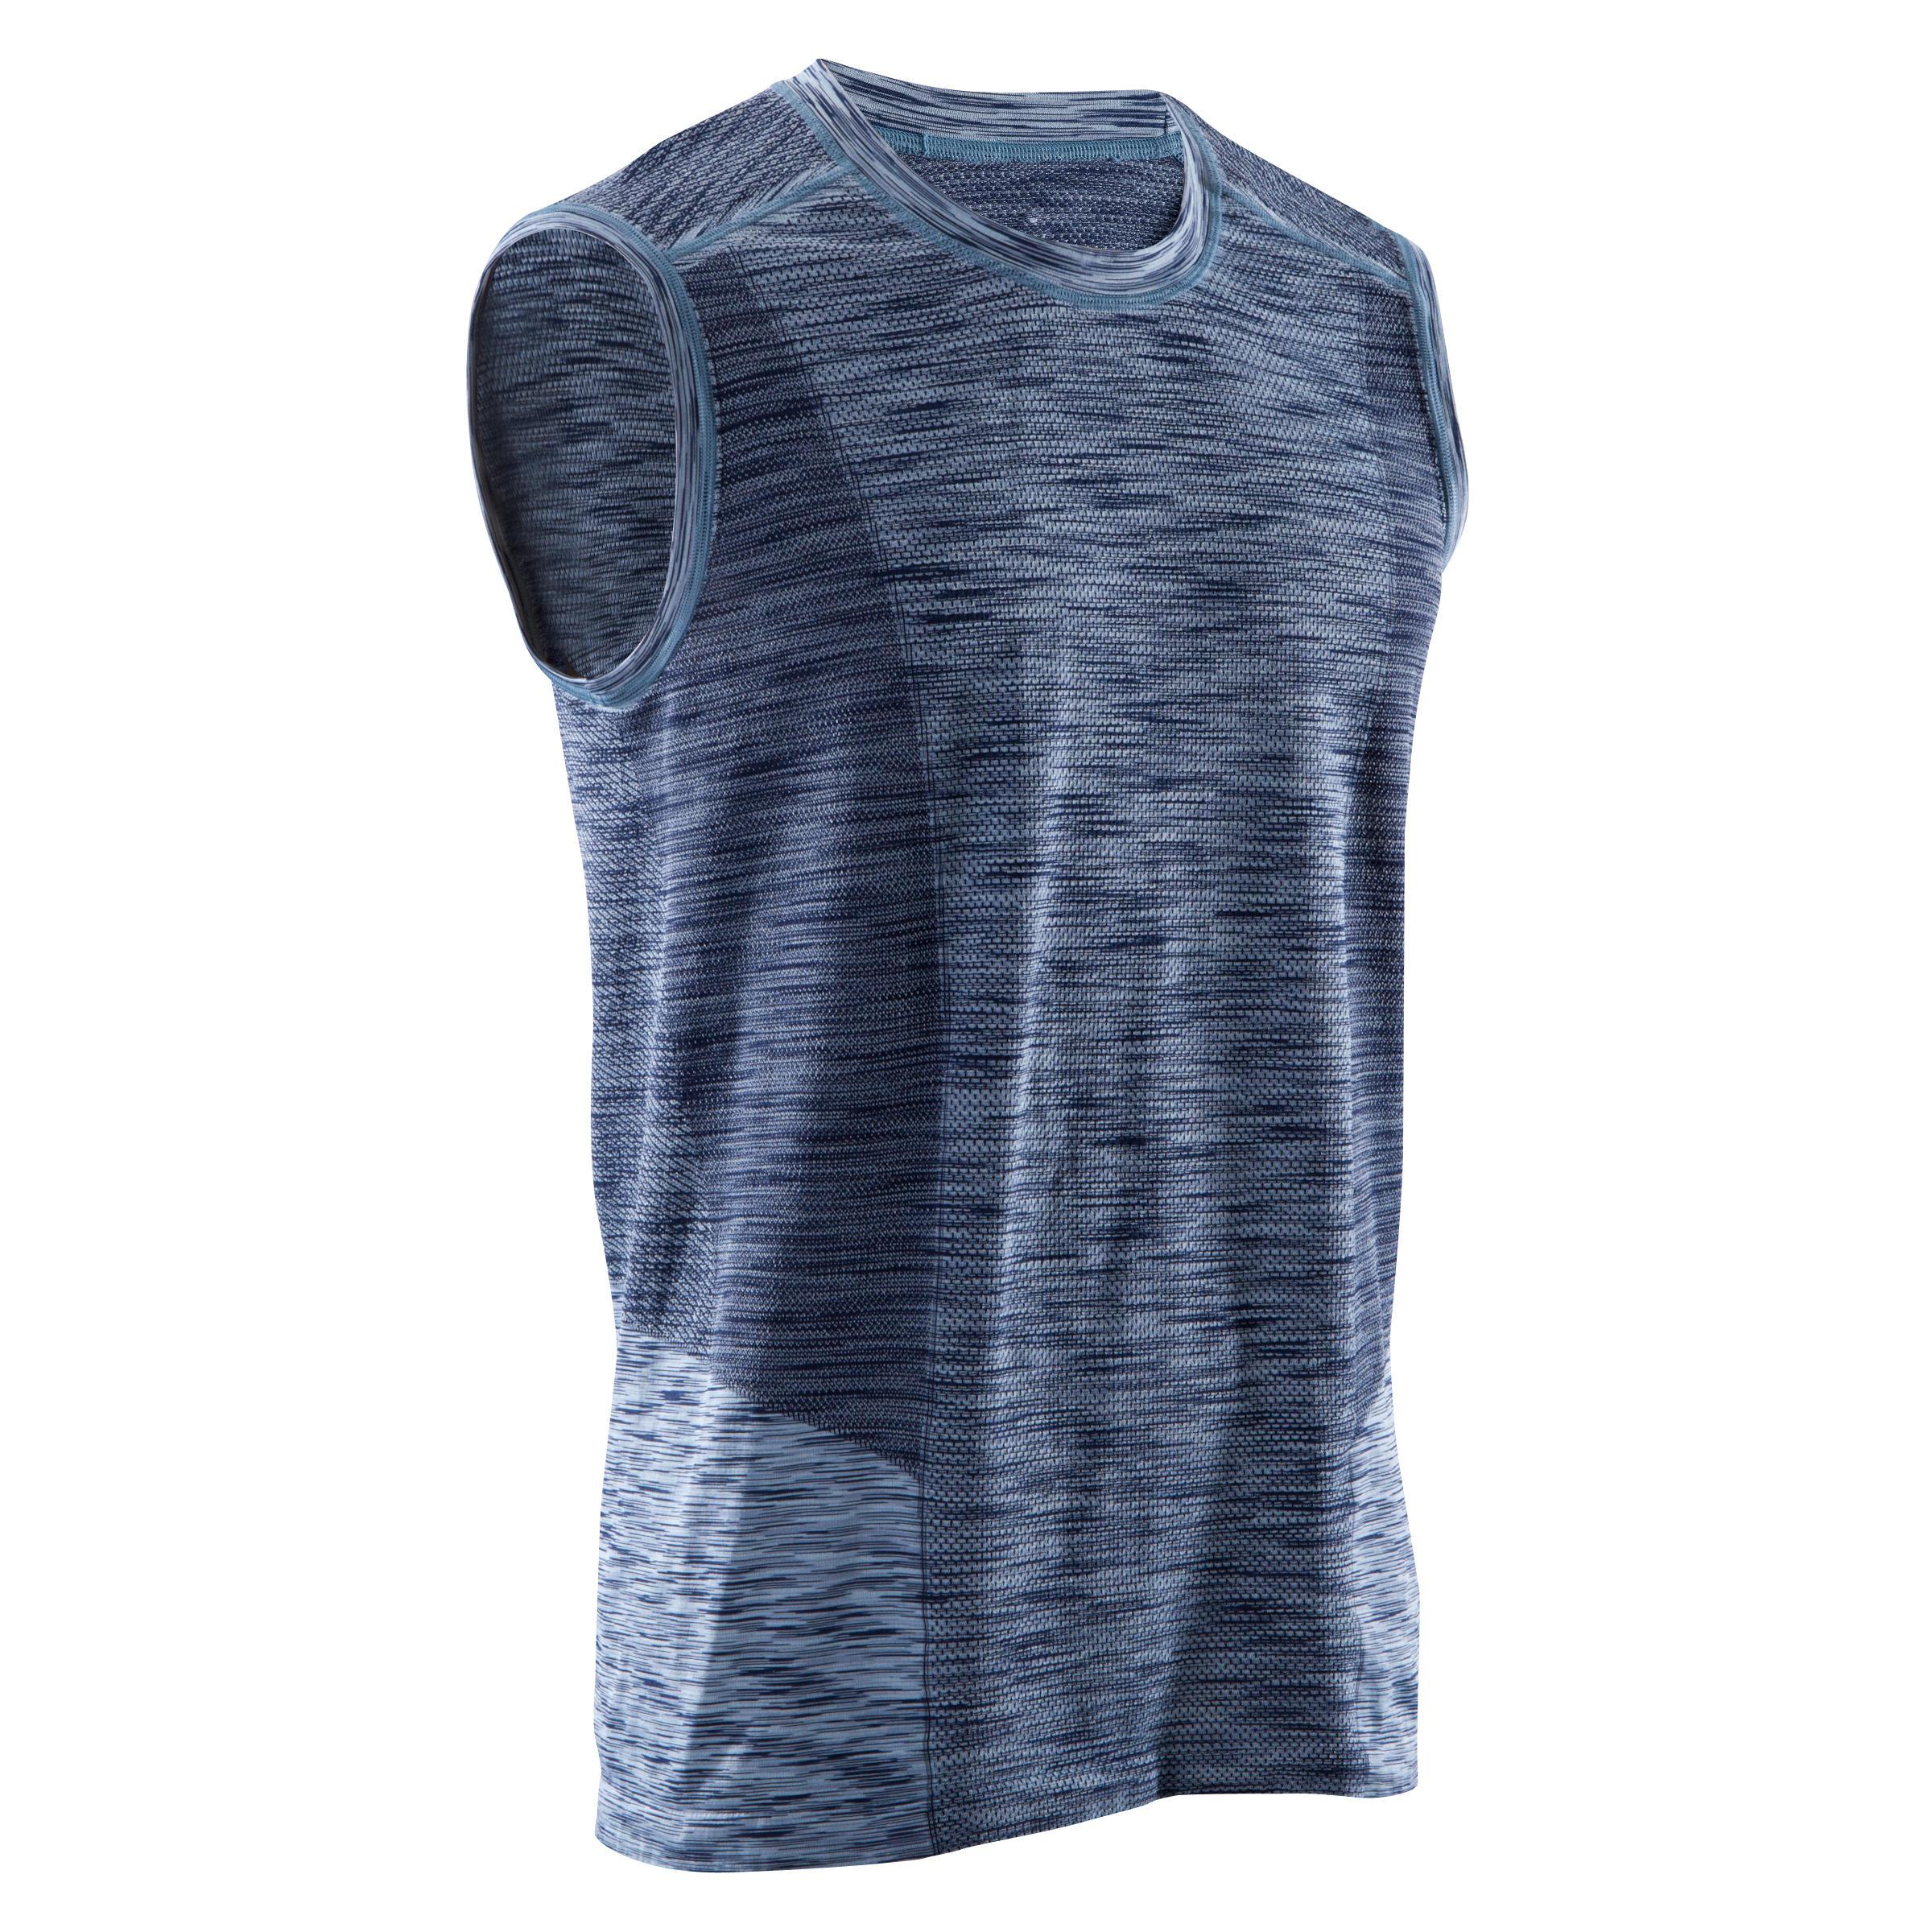 Camiseta sin mangas y sin costuras YOGA negro/azul para hombre